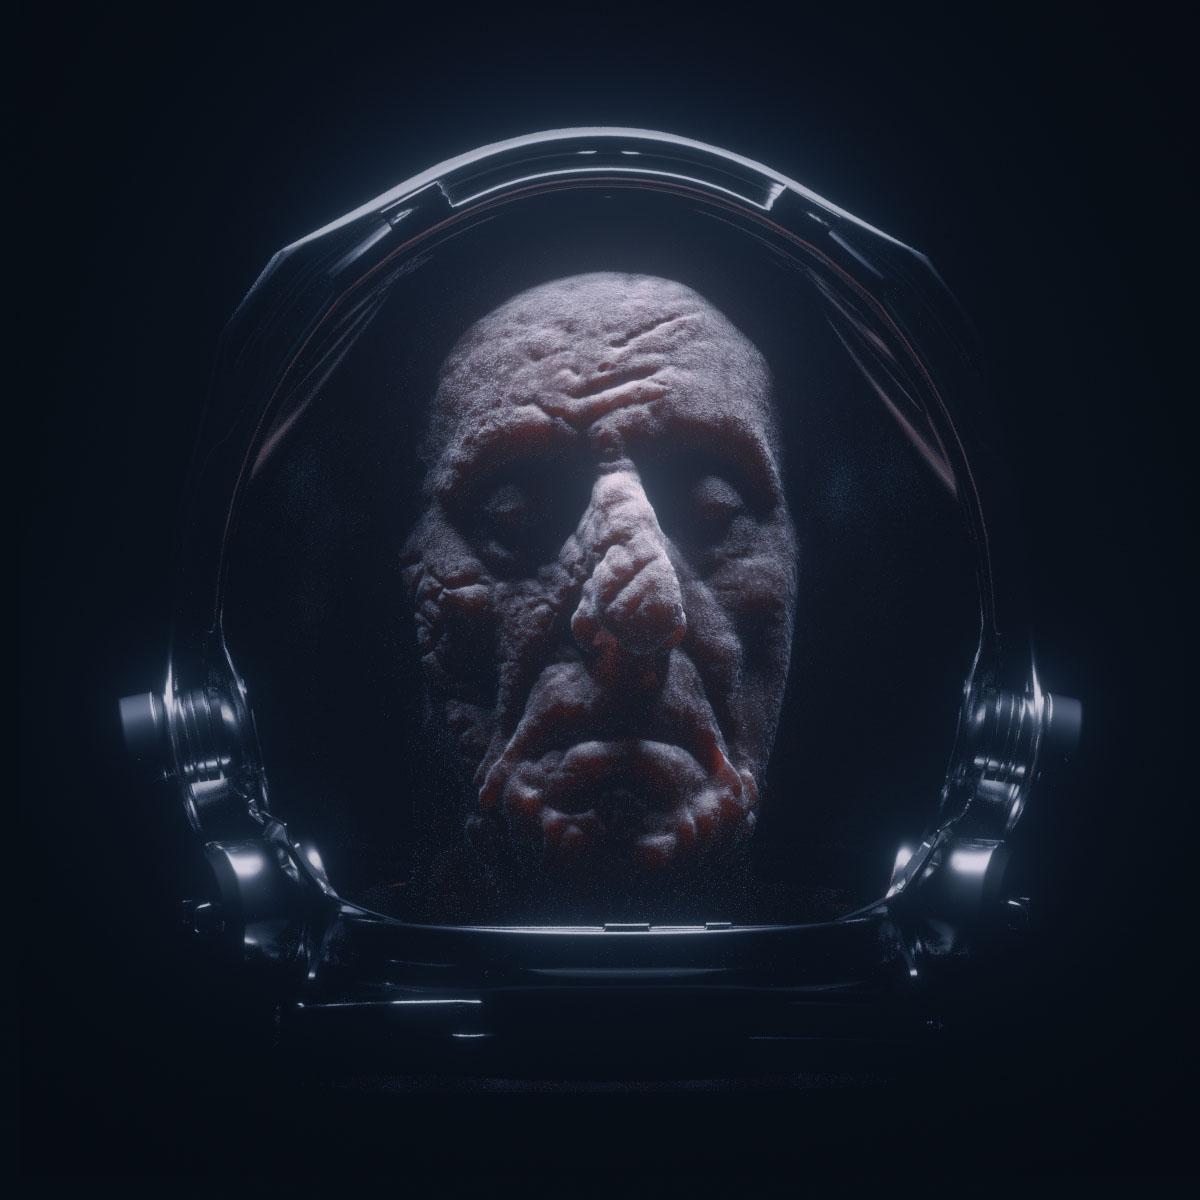 face_helmet-0-00-00-006